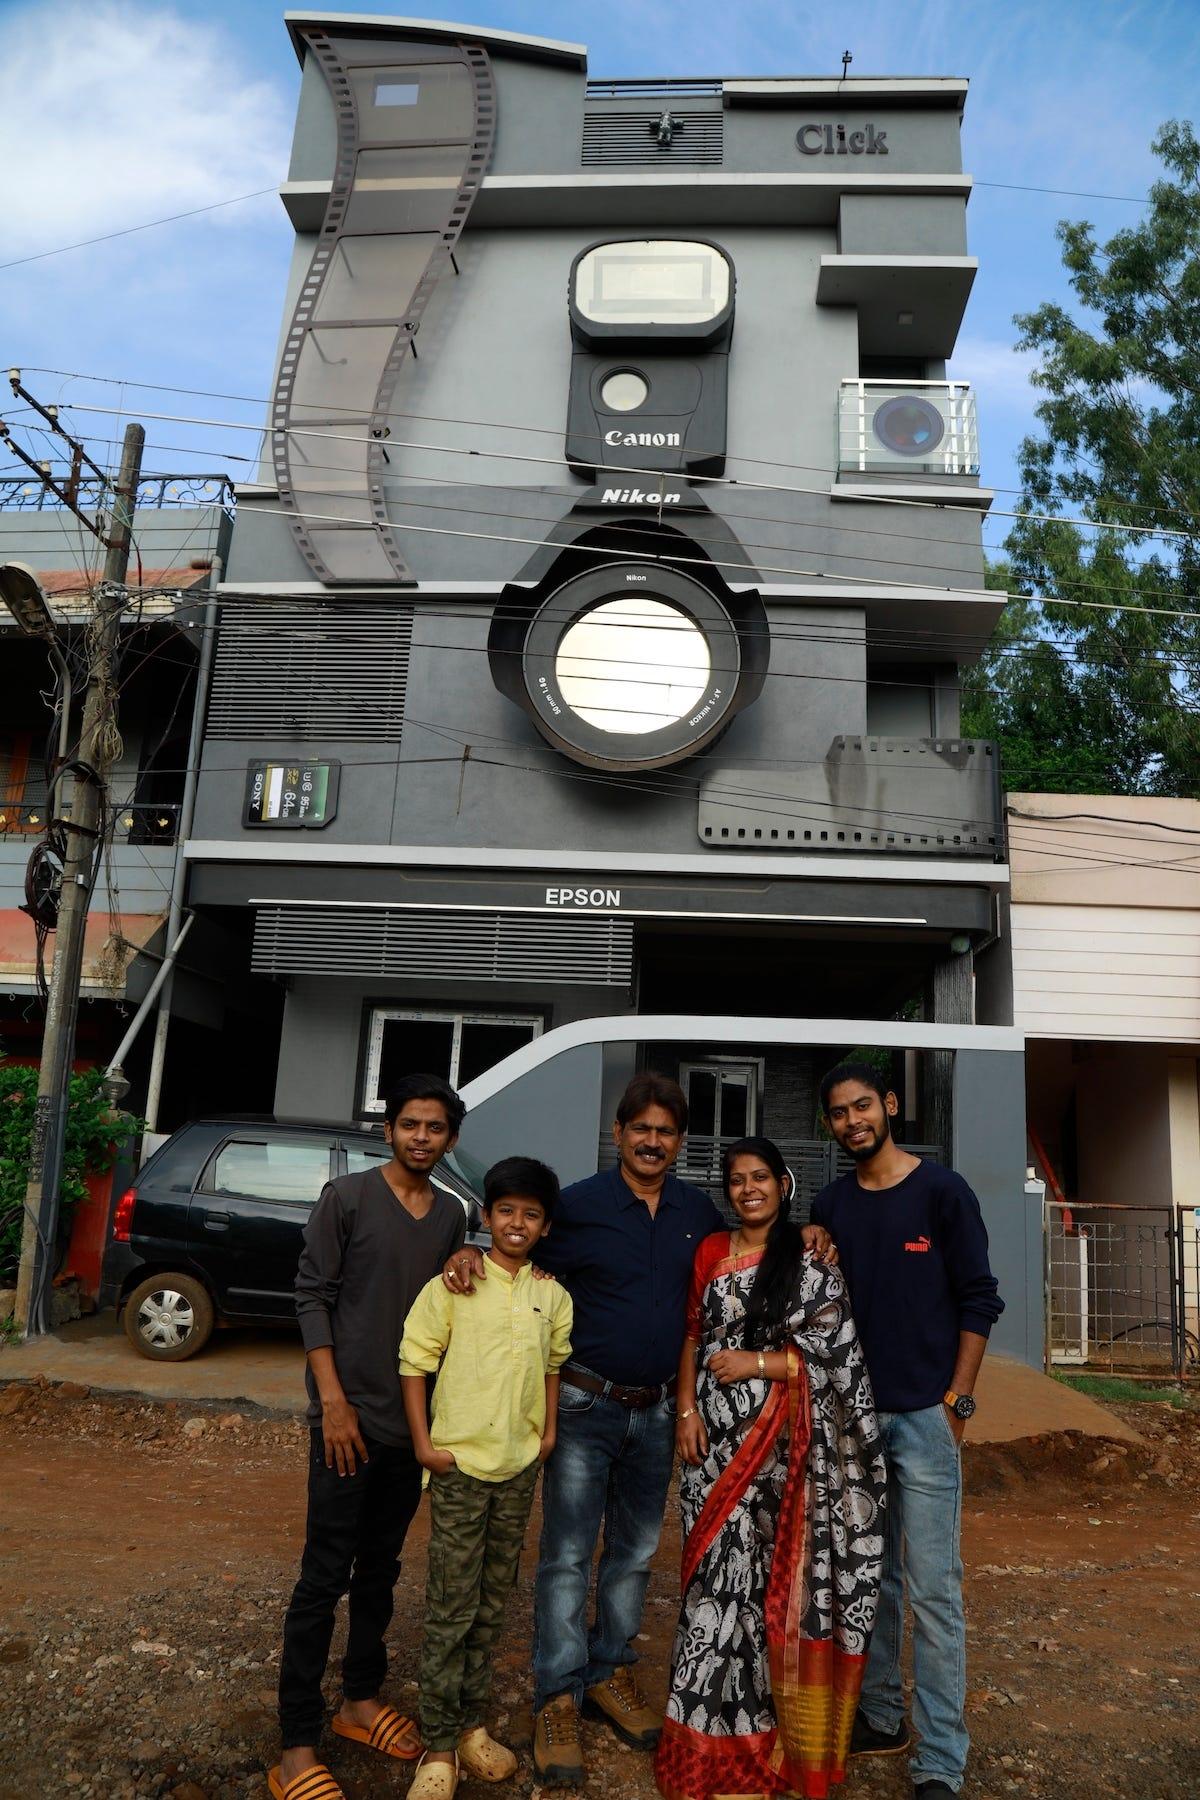 Chiêm ngưỡng ngôi nhà hình chiếc máy ảnh độc đáo ở Ấn Độ - Ảnh 2